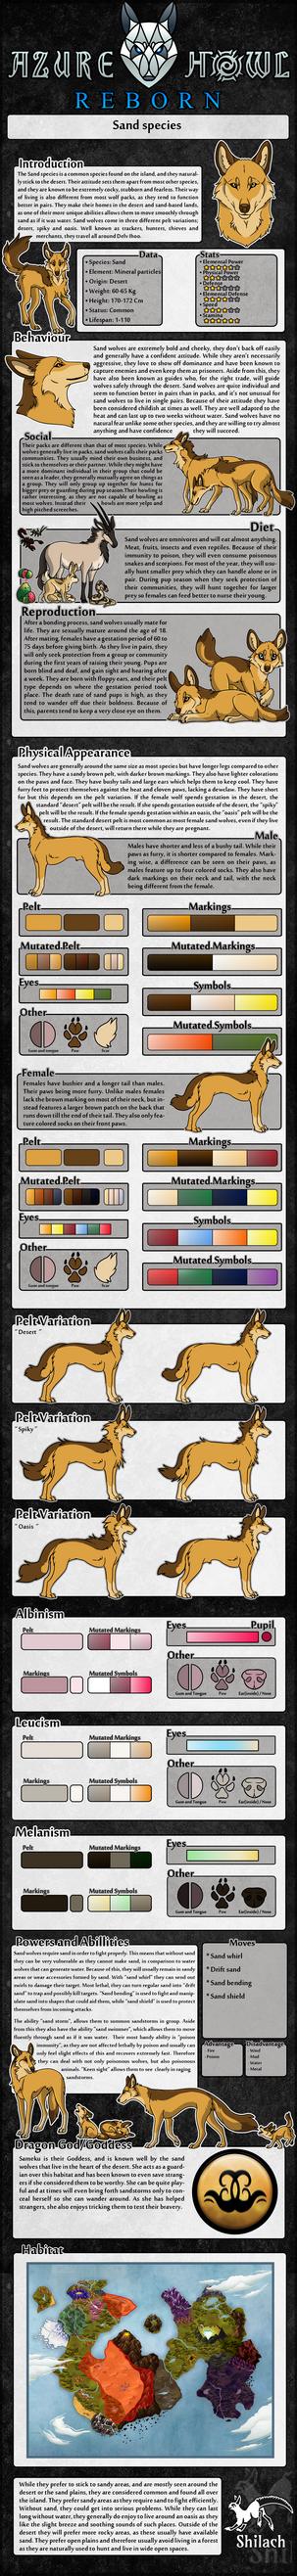 AzureHowl Reborn - Sand species